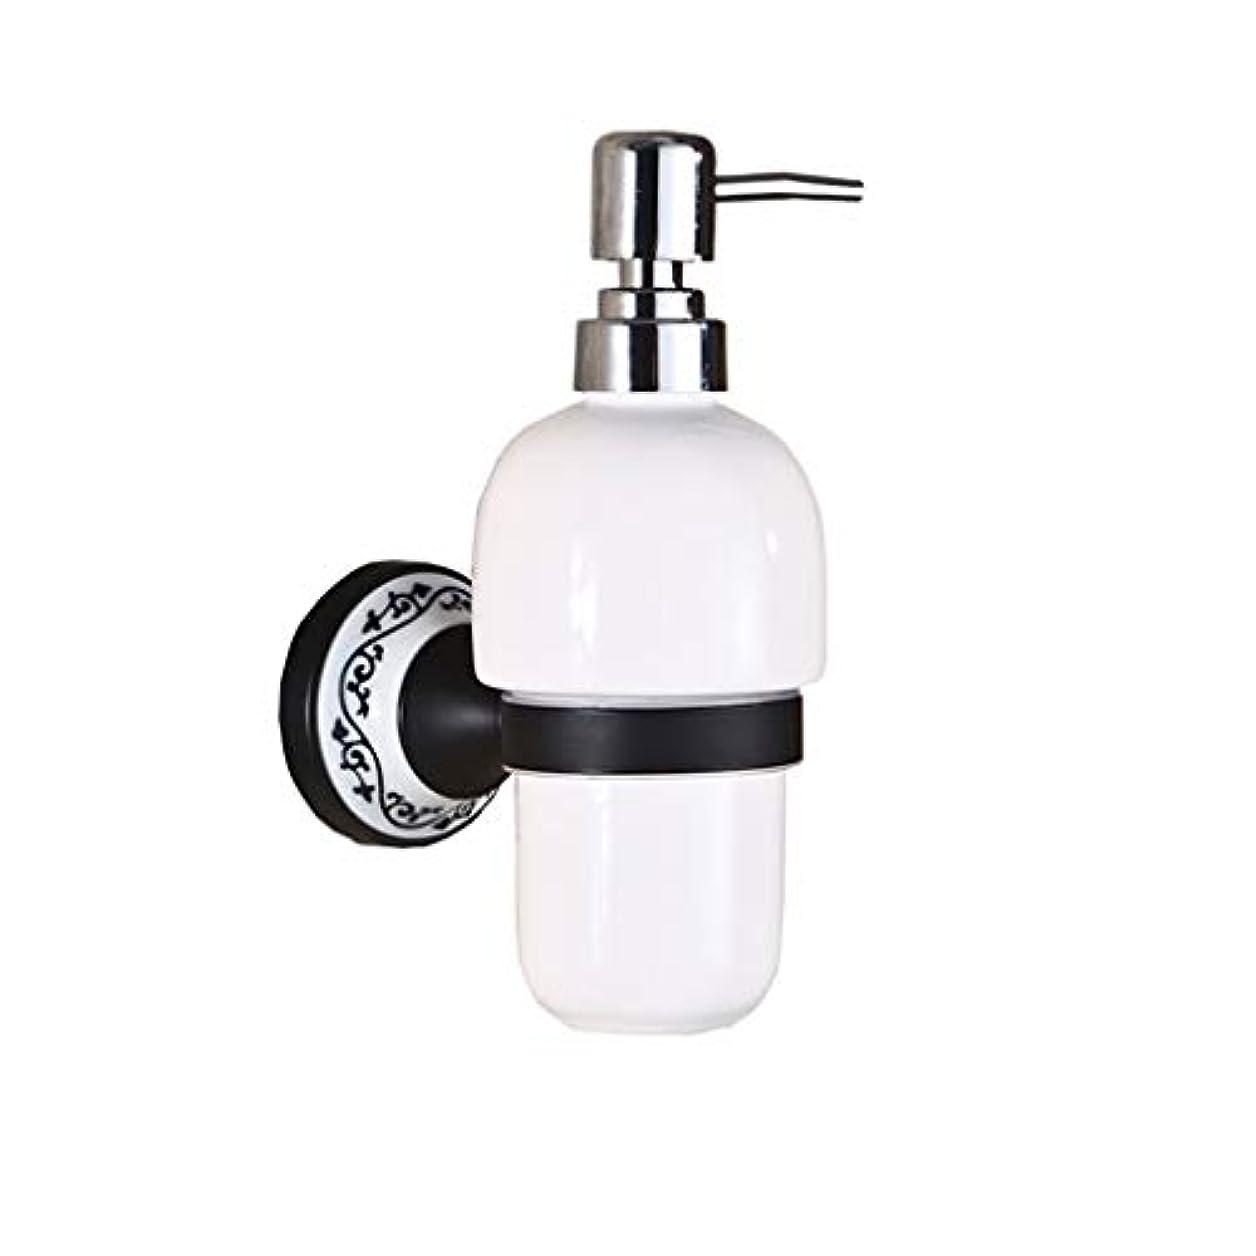 伝える推定する小数Kylinssh 石鹸ディスペンサー、304防錆ステンレス鋼ポンプ付きキッチンソープディスペンサー、ハンドソープ用のバスルームソープディスペンサー、石鹸、ローション